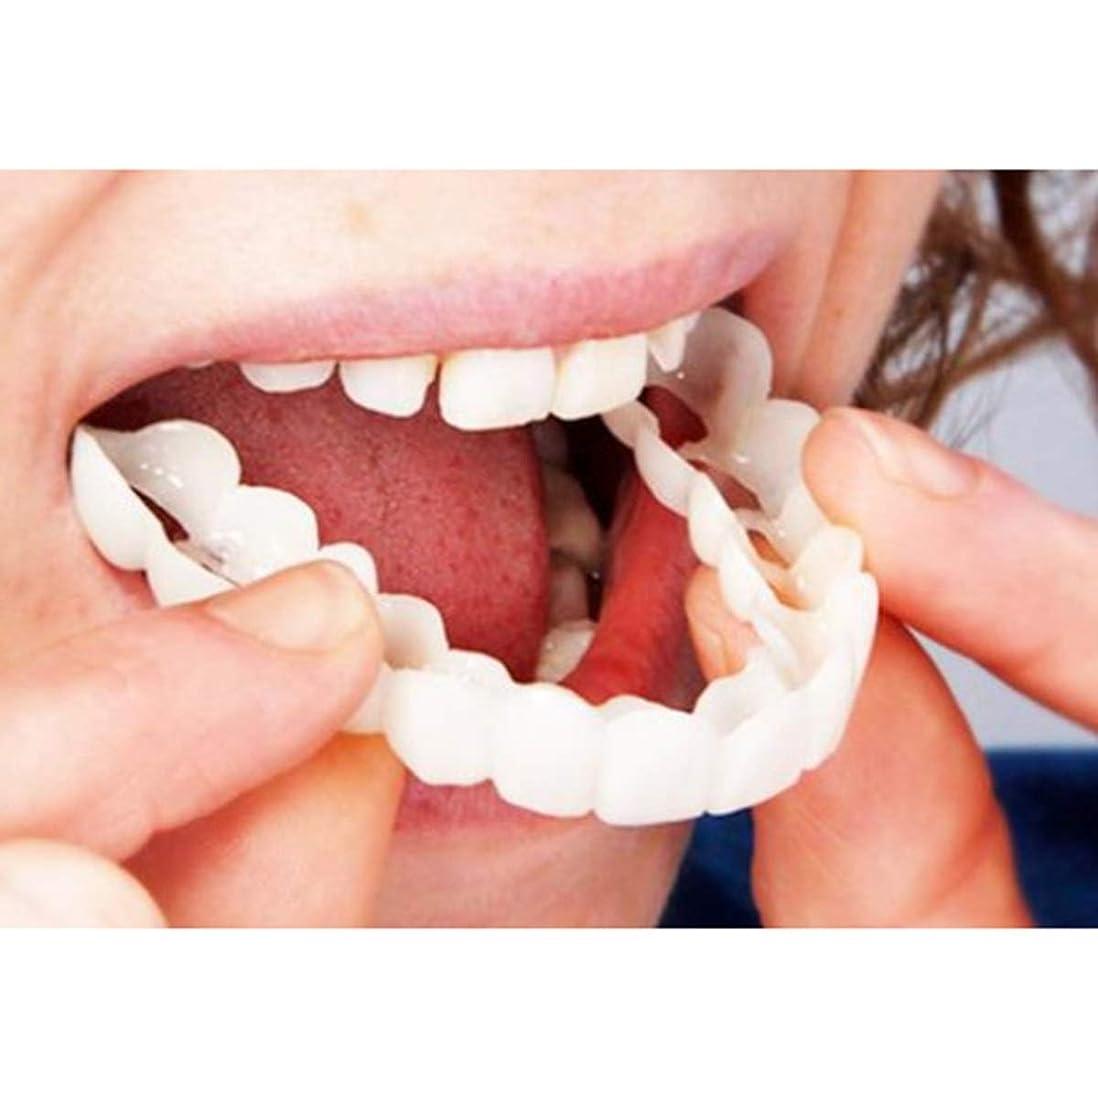 サワー前フィードオンインスタント快適なフレックスパーフェクトベニアの歯スナップキャップを白くする8組の歯の化粧品の模擬装具アッパーブレース+ロワーブレース